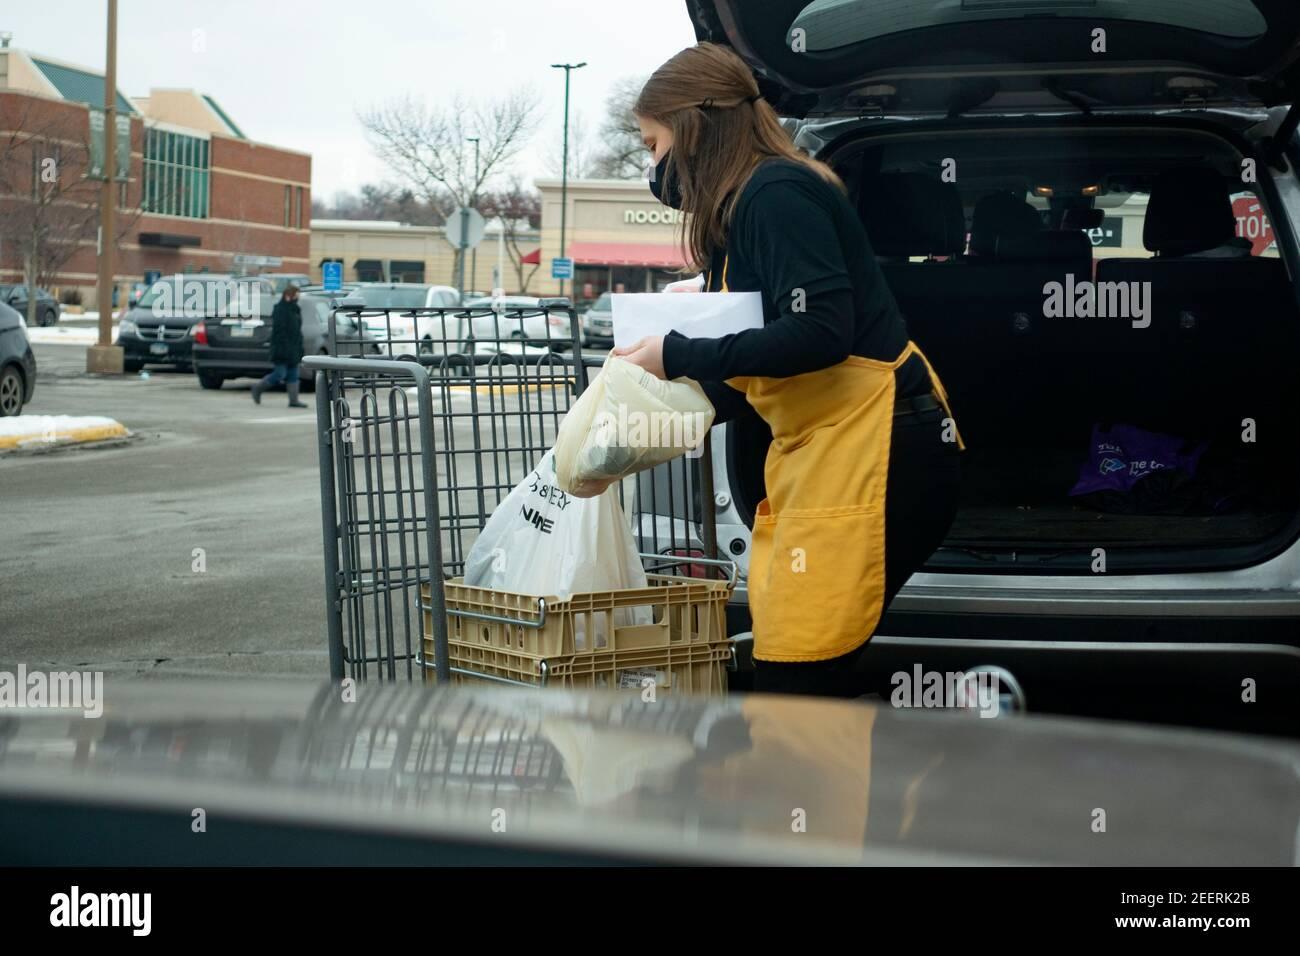 Lunds & Byerlys Supermarket comprador enmascarado entrega de comestibles al vehículo del cliente durante Covid Pandemic. St Paul Minnesota MN EE.UU Foto de stock